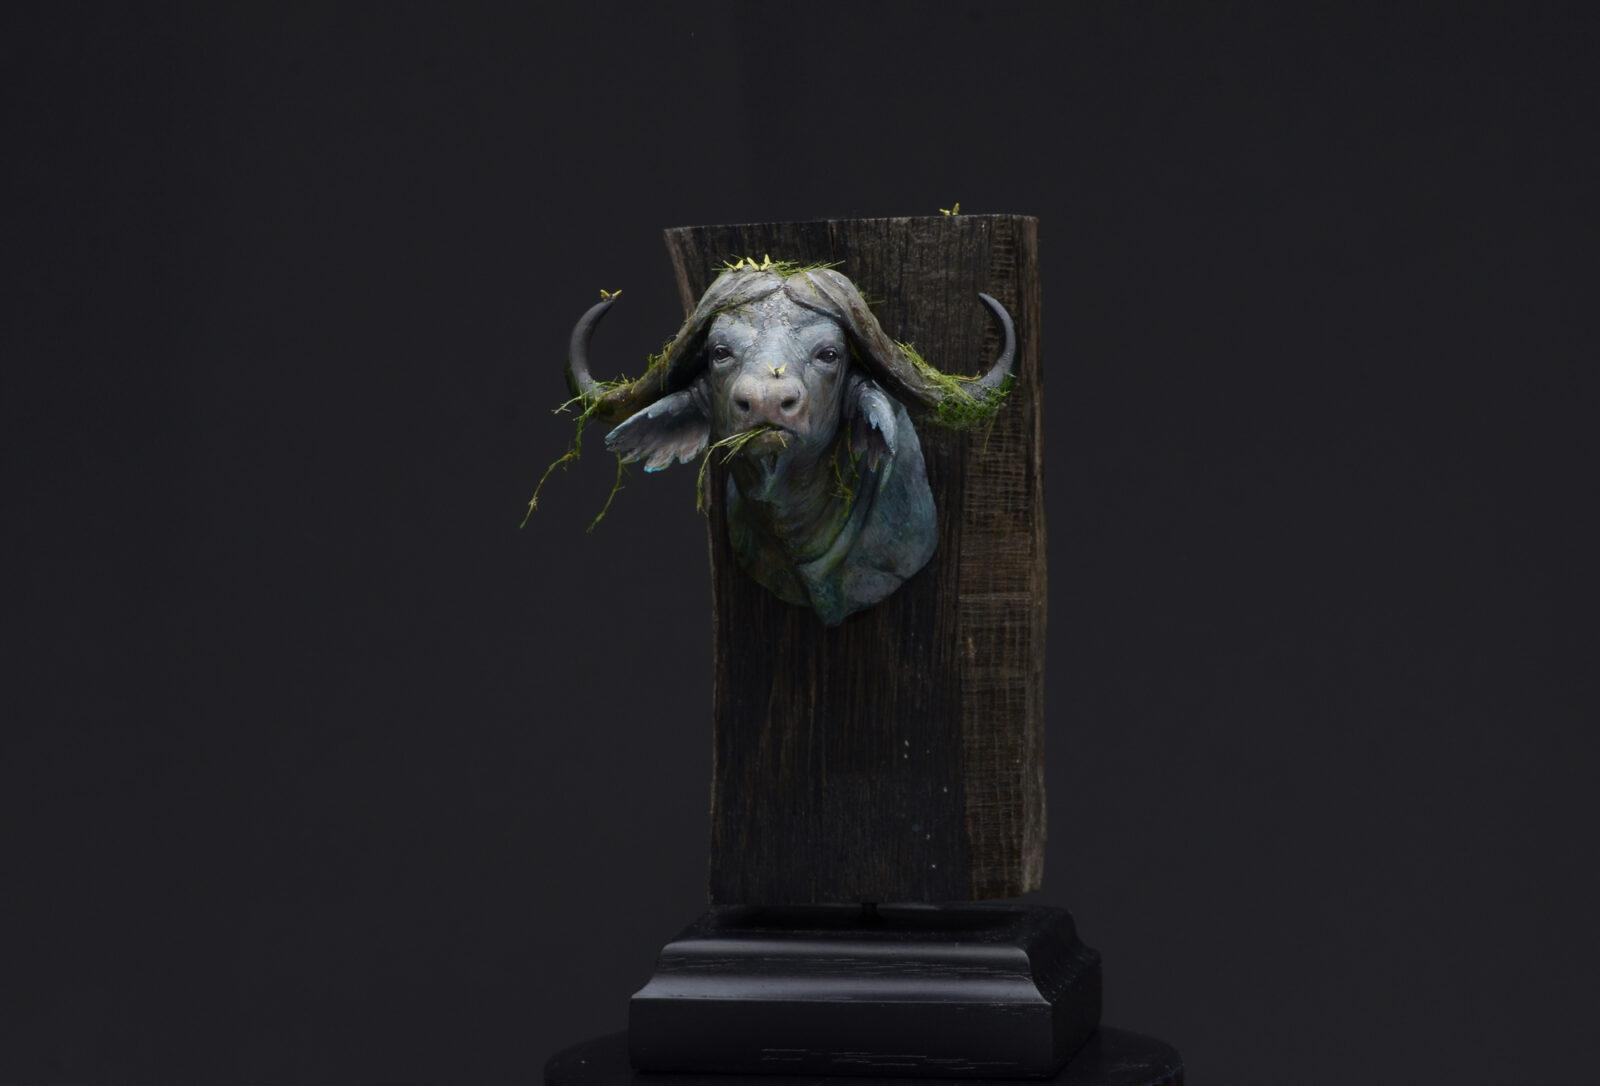 Waterbuffalo08